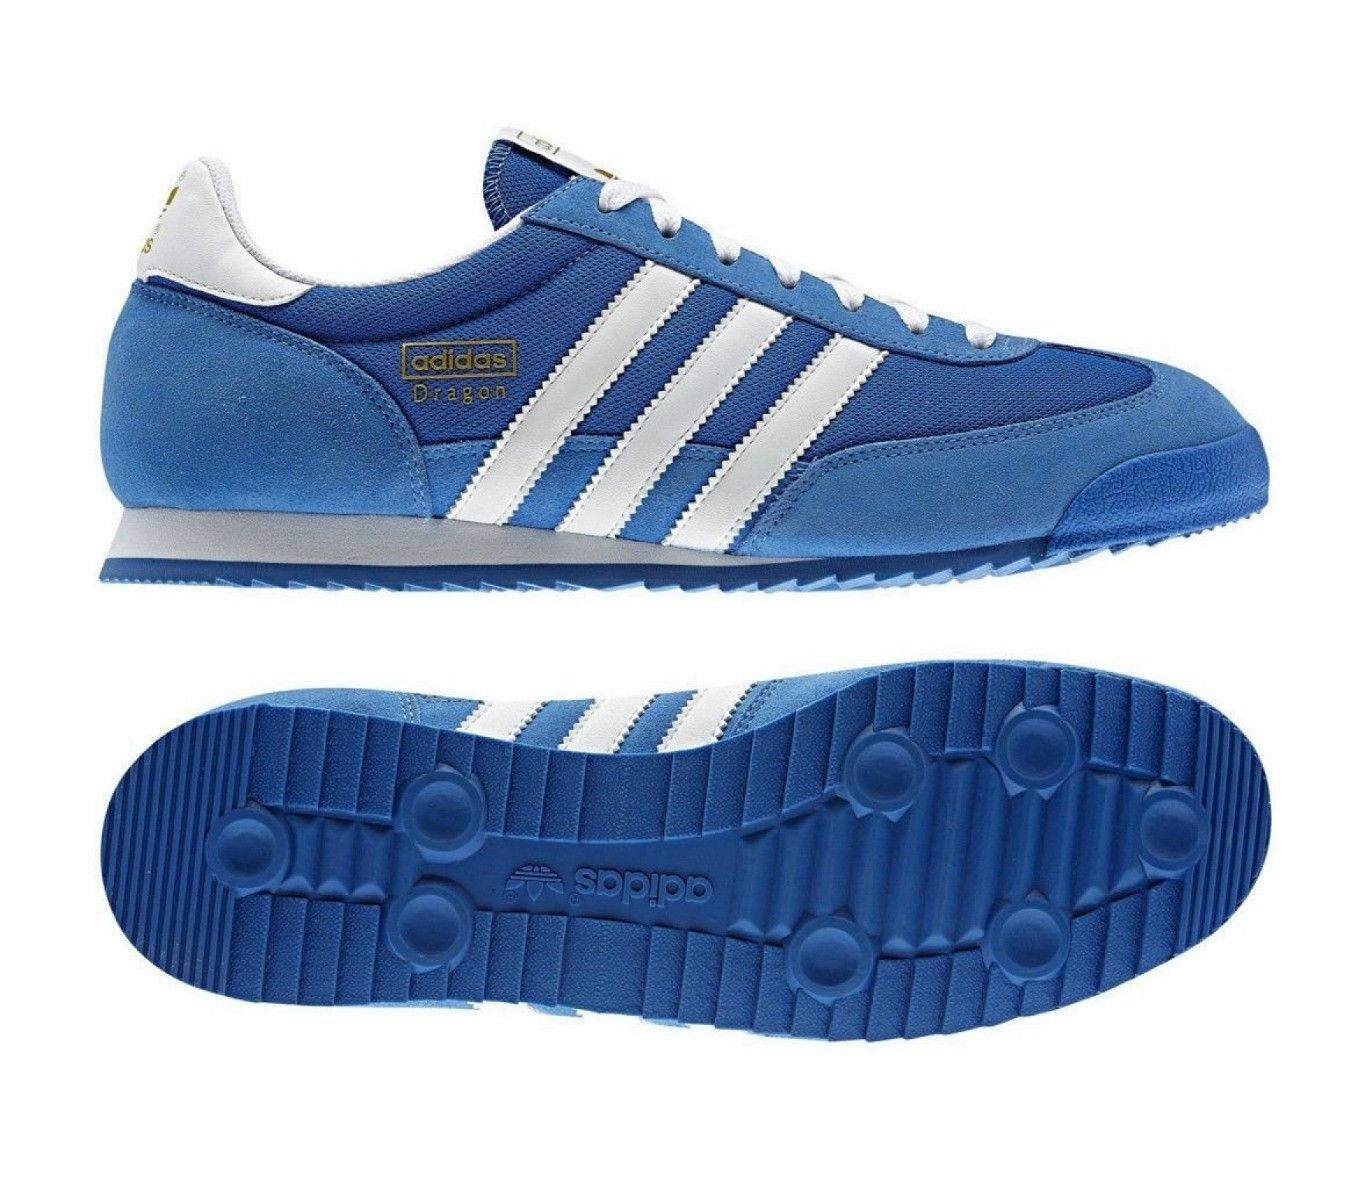 chaussures adidas originaux dragon formateurs formateurs formateurs les baskets   Techniques Modernes  93c1f0